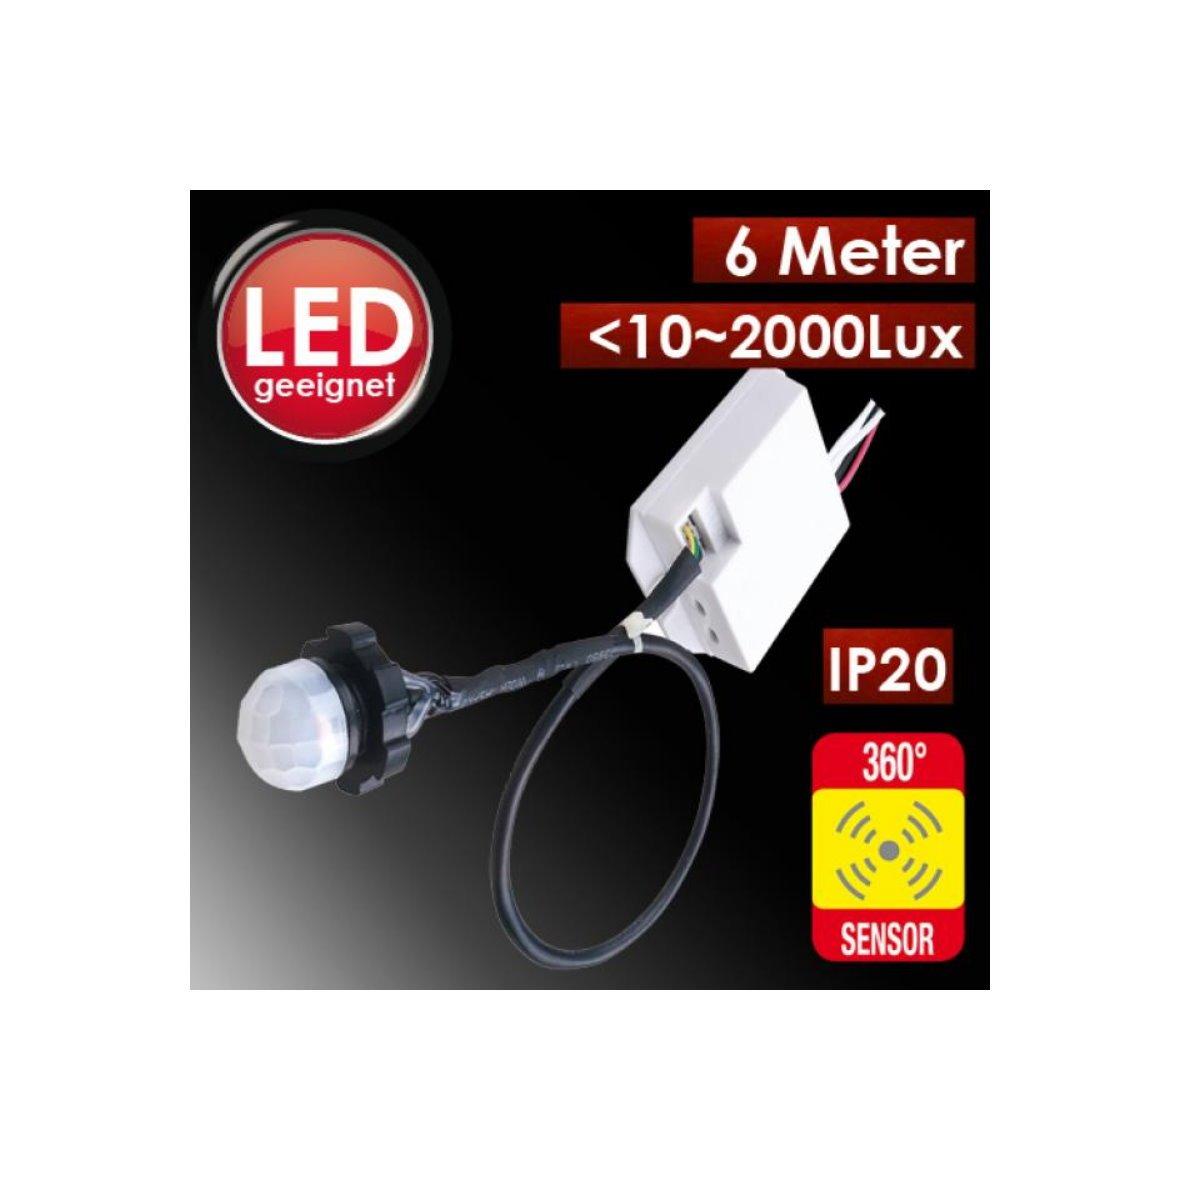 Mini detector de movimiento 360 ° para su instalación Sensor PIR empotrado para LED Detector 800 W: Amazon.es: Bricolaje y herramientas